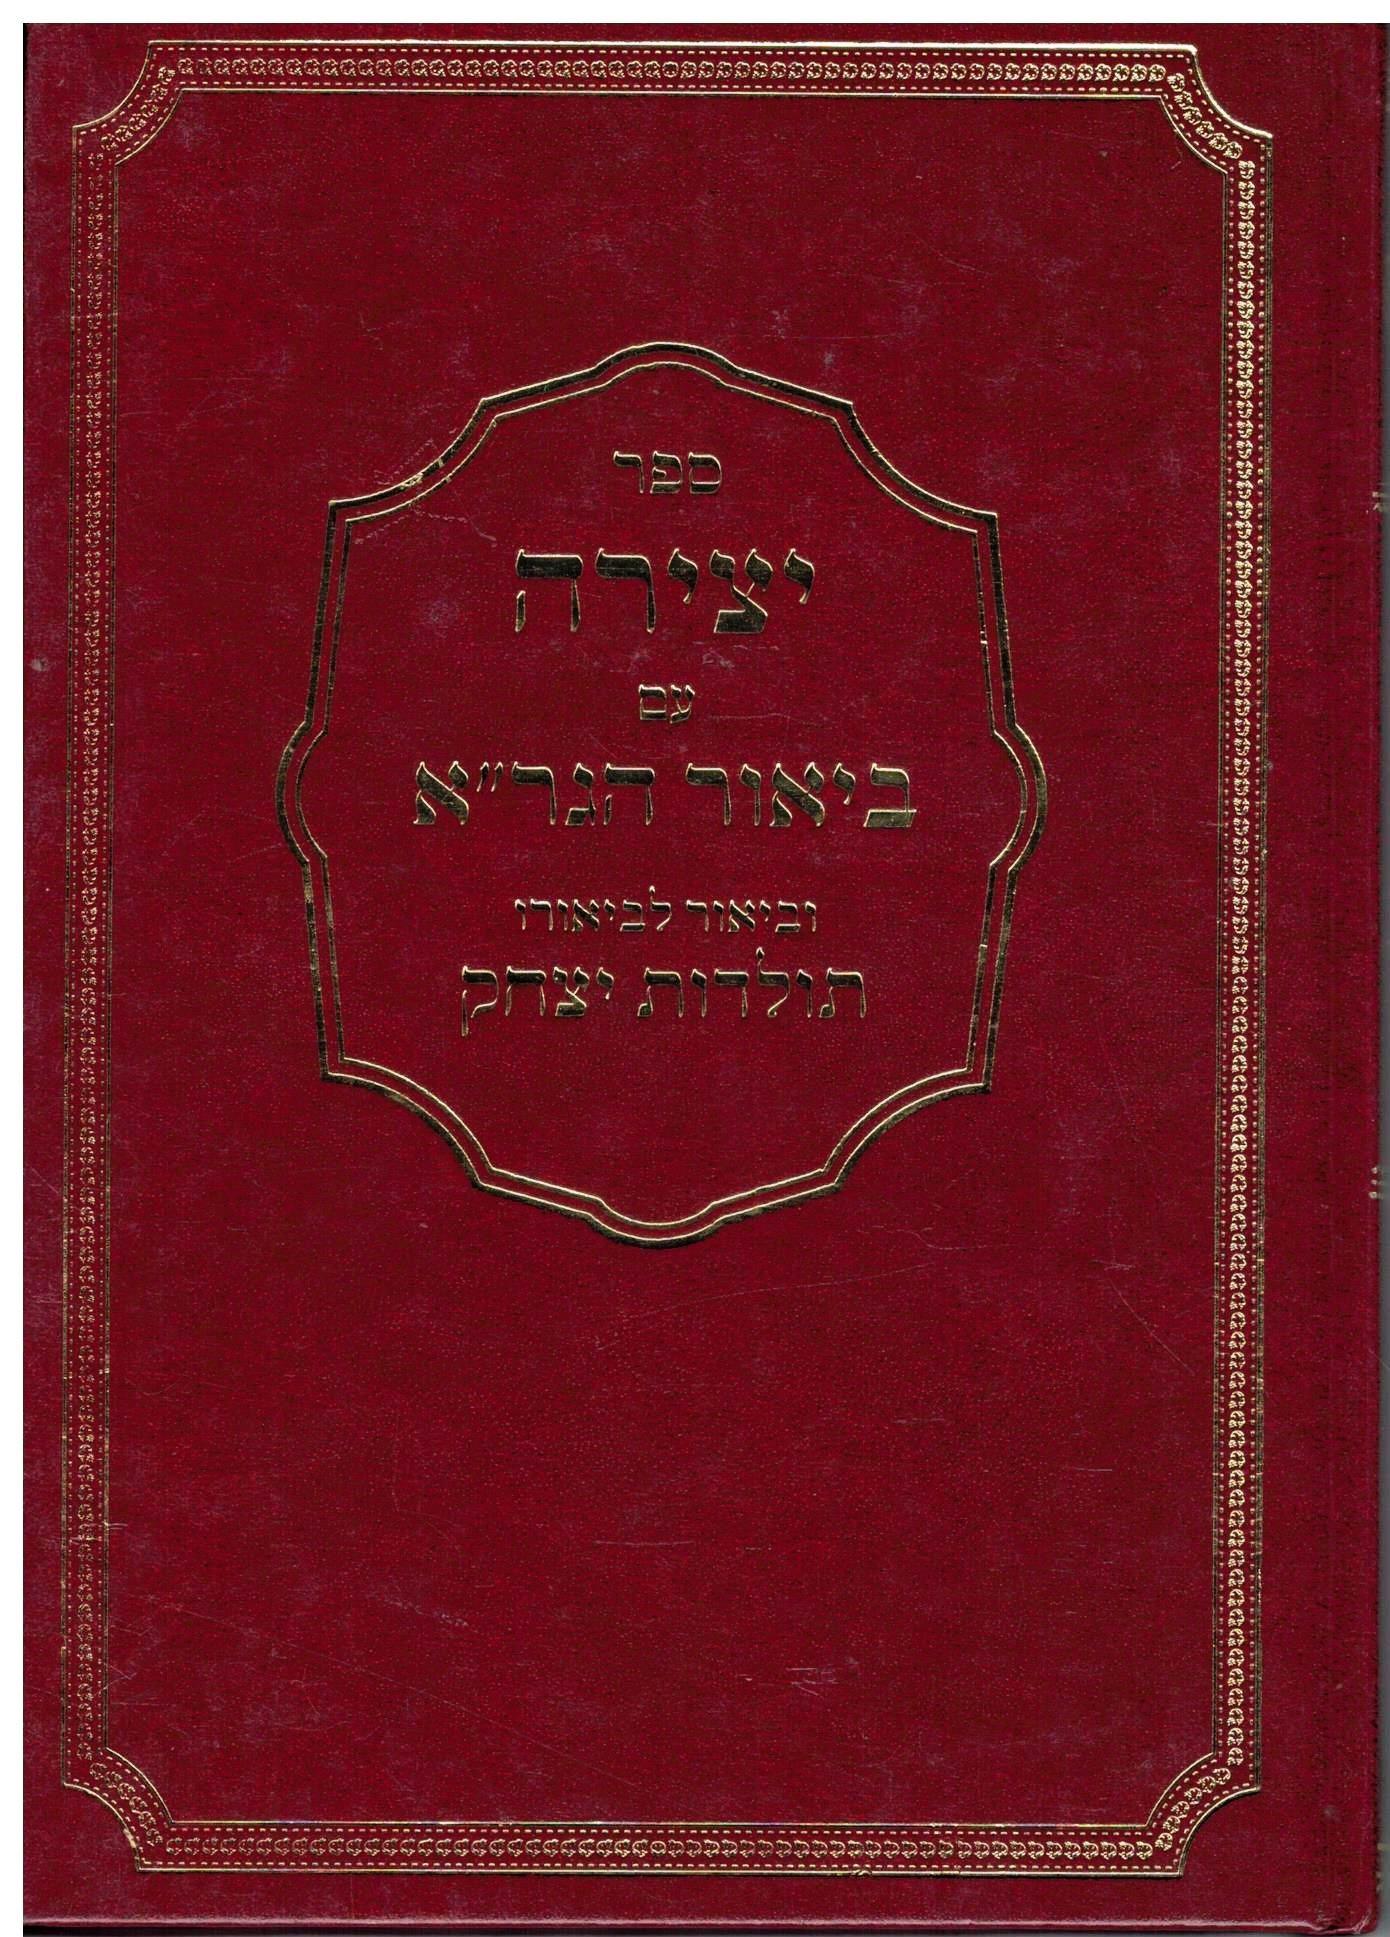 """ספר יצירה עם ביאור הגר""""א, וביאור לביאורו תולדות יצחק"""